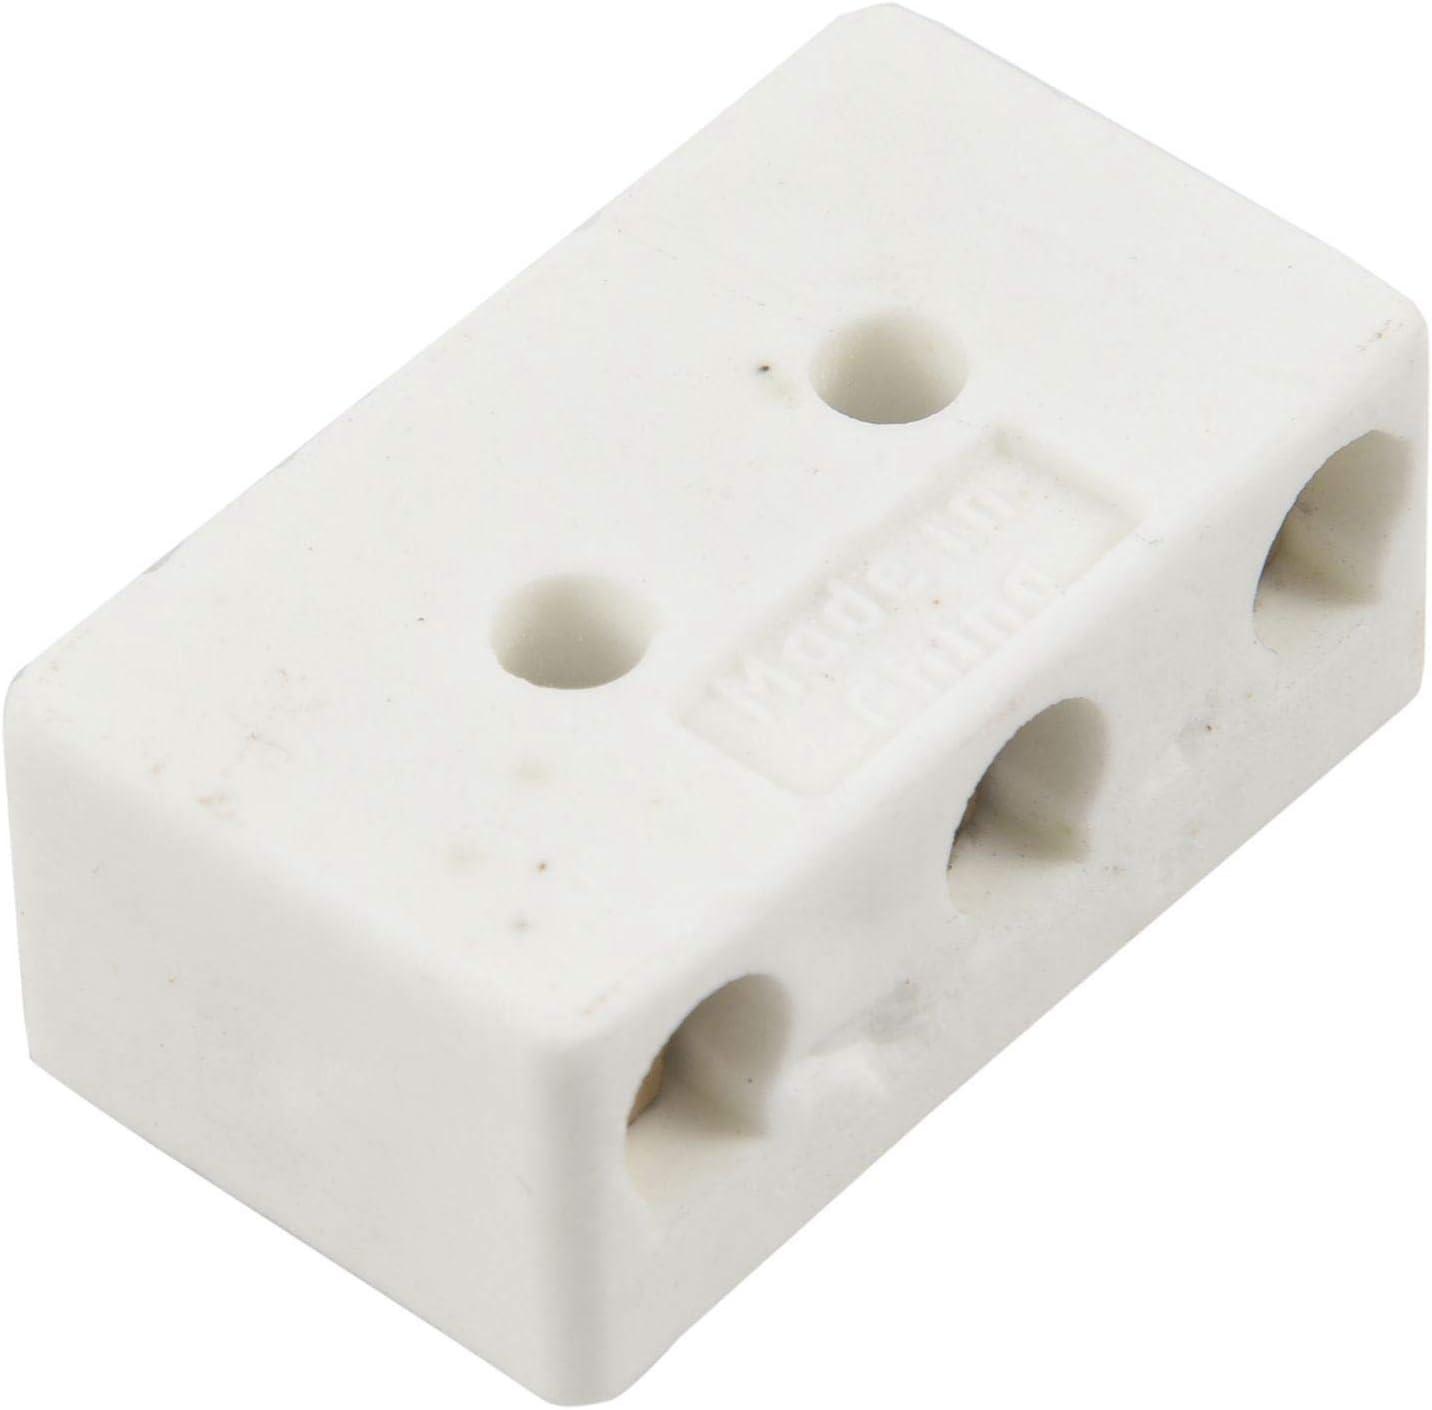 BKAUK Lot de 2 blocs de connecteurs en c/éramique haute temp/érature 250 V 30 A 3 W8H Blanc